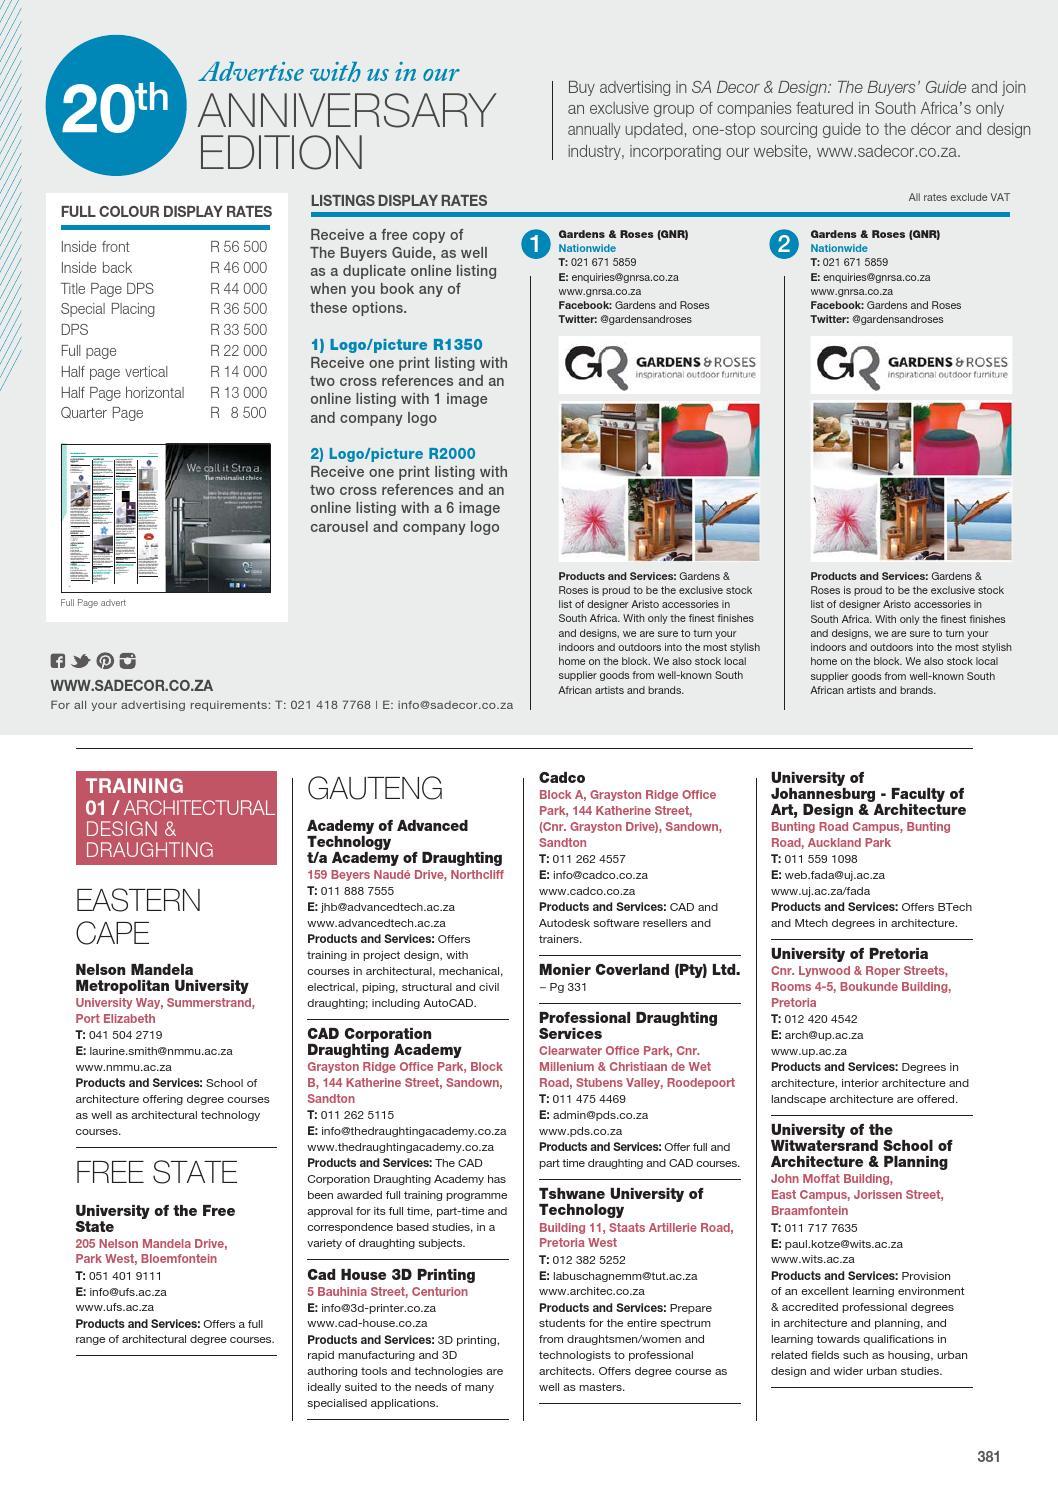 SA Decor and Design - The Buyers Guide 2016 Edition by SA